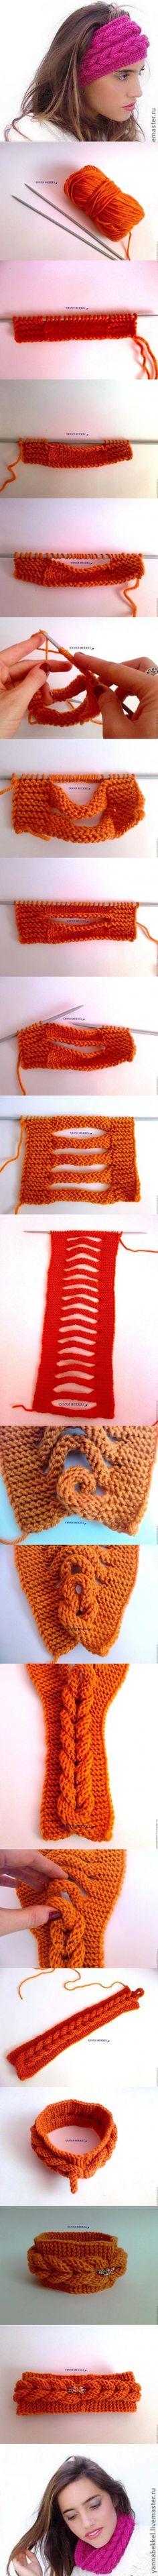 Красивая повязка на голову.| www.FabArtDIY.com | вязание | Постила